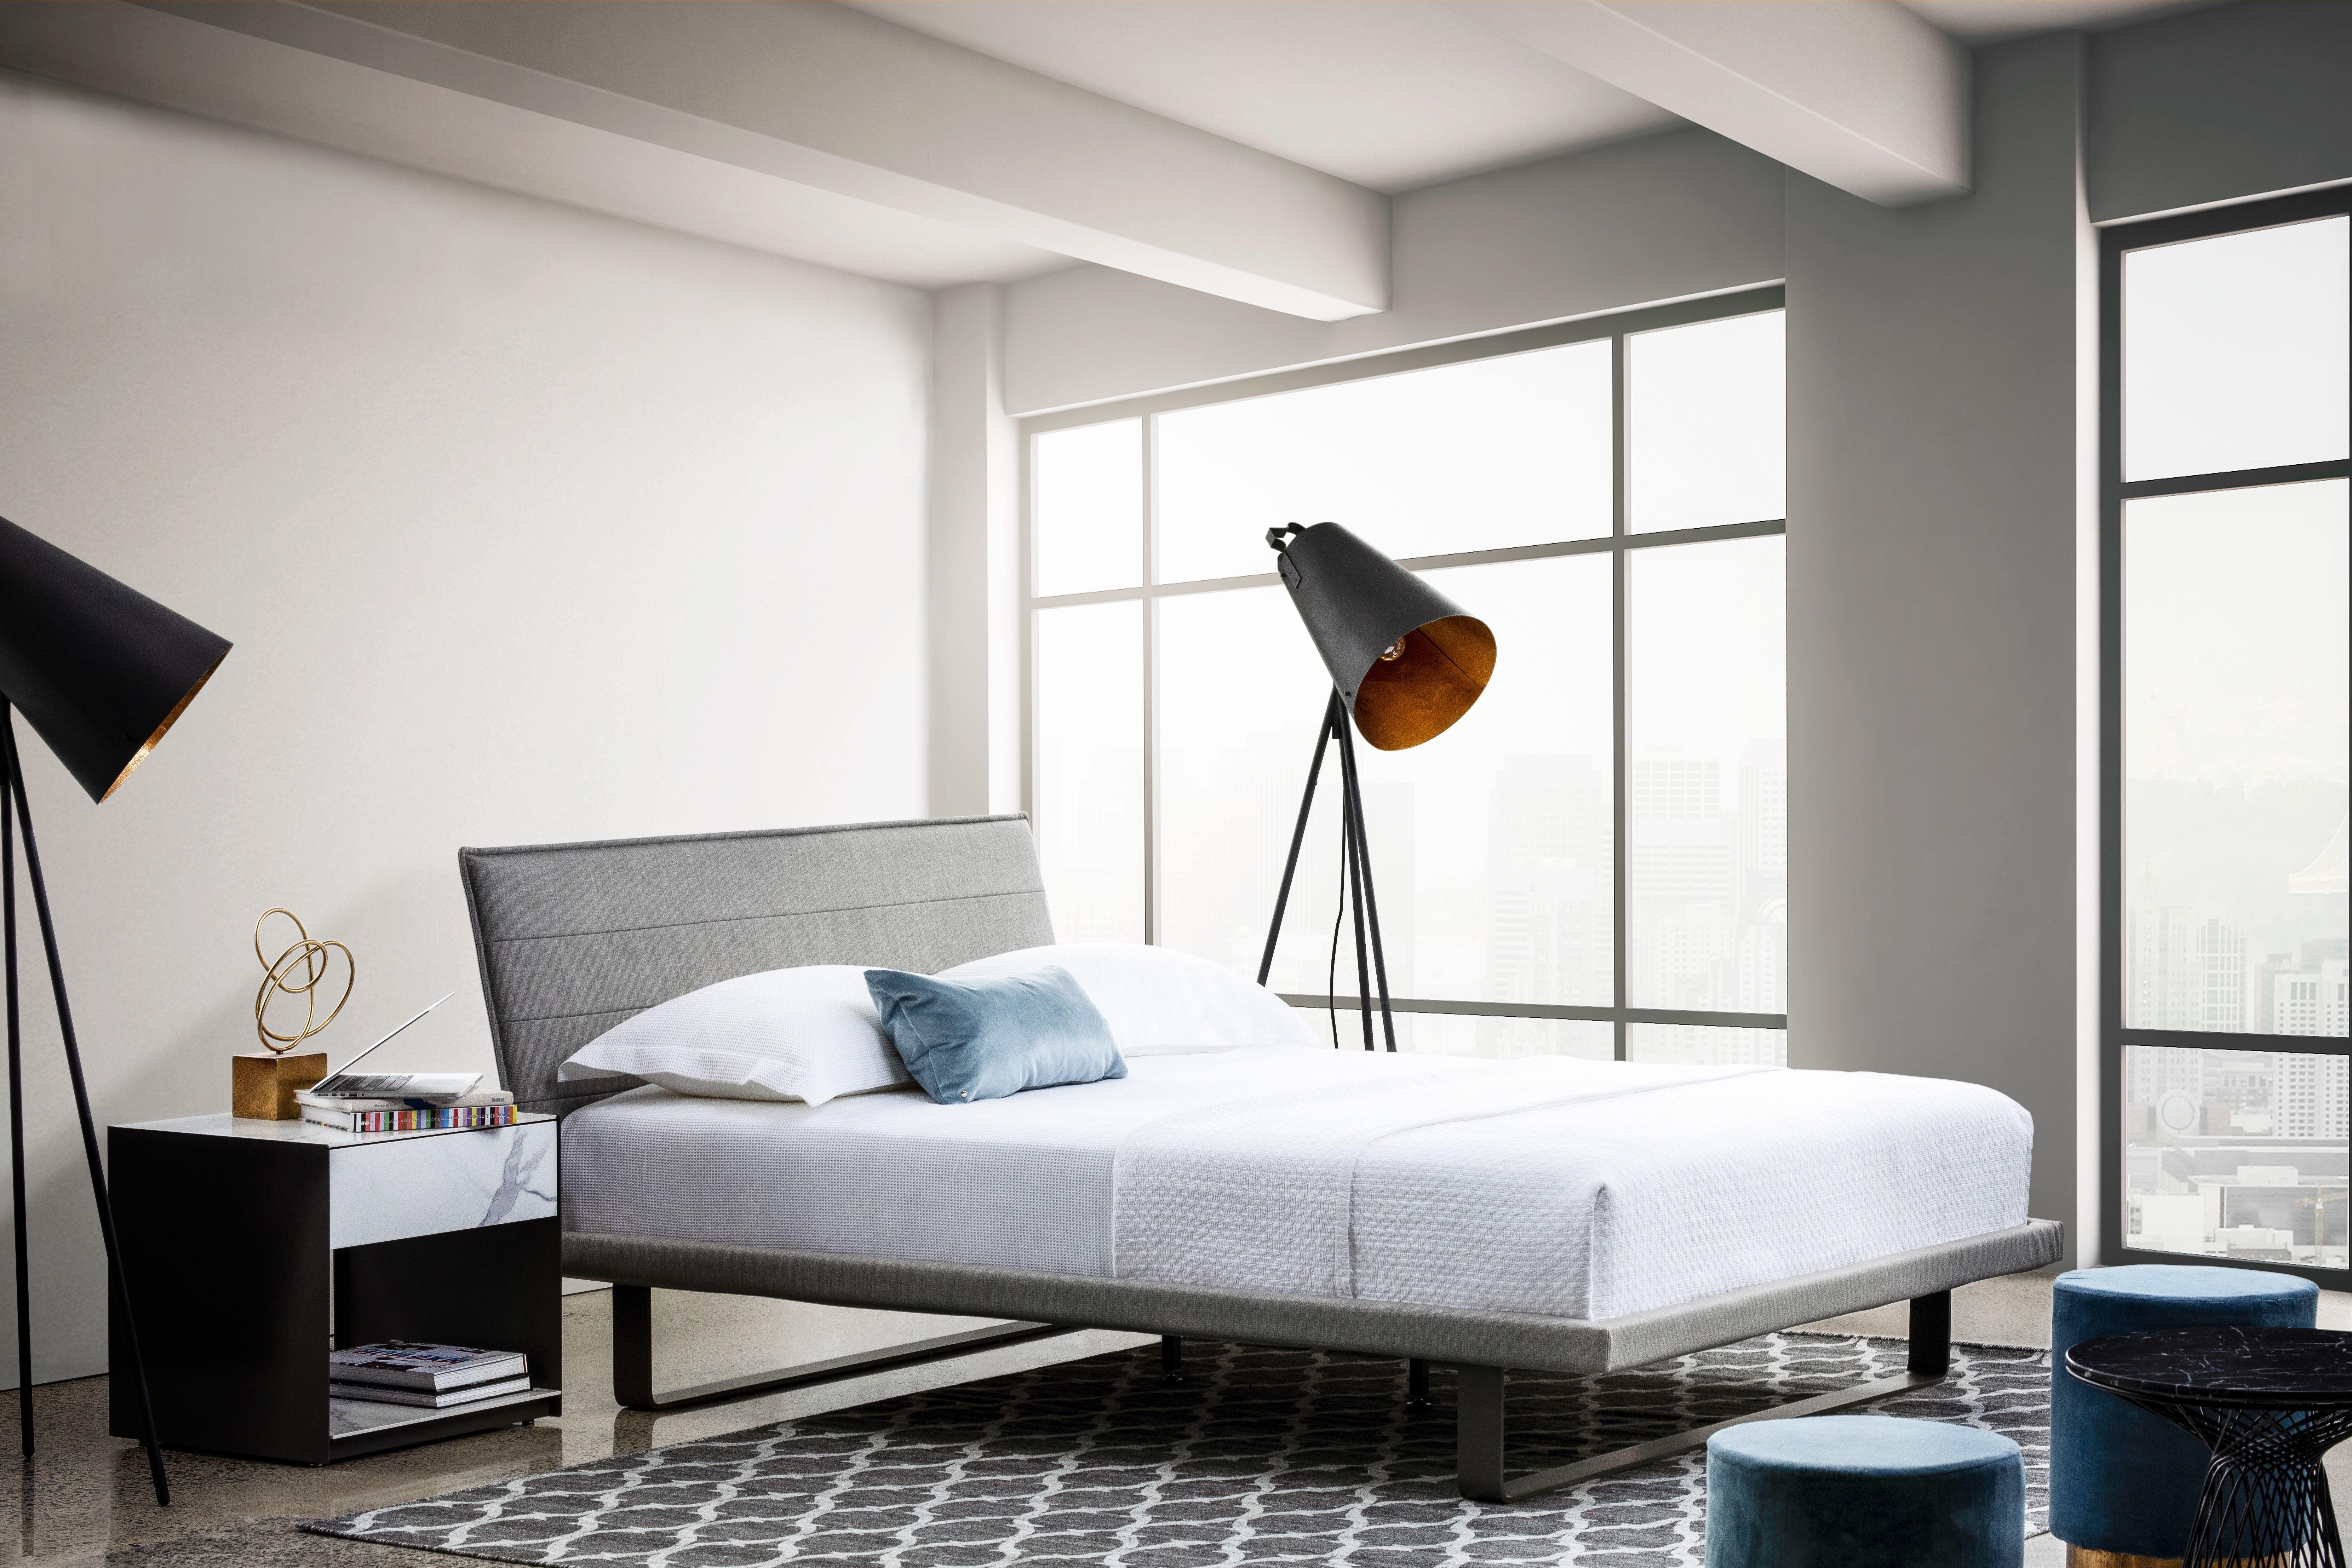 Envy lit upholstered beds bed bed frame